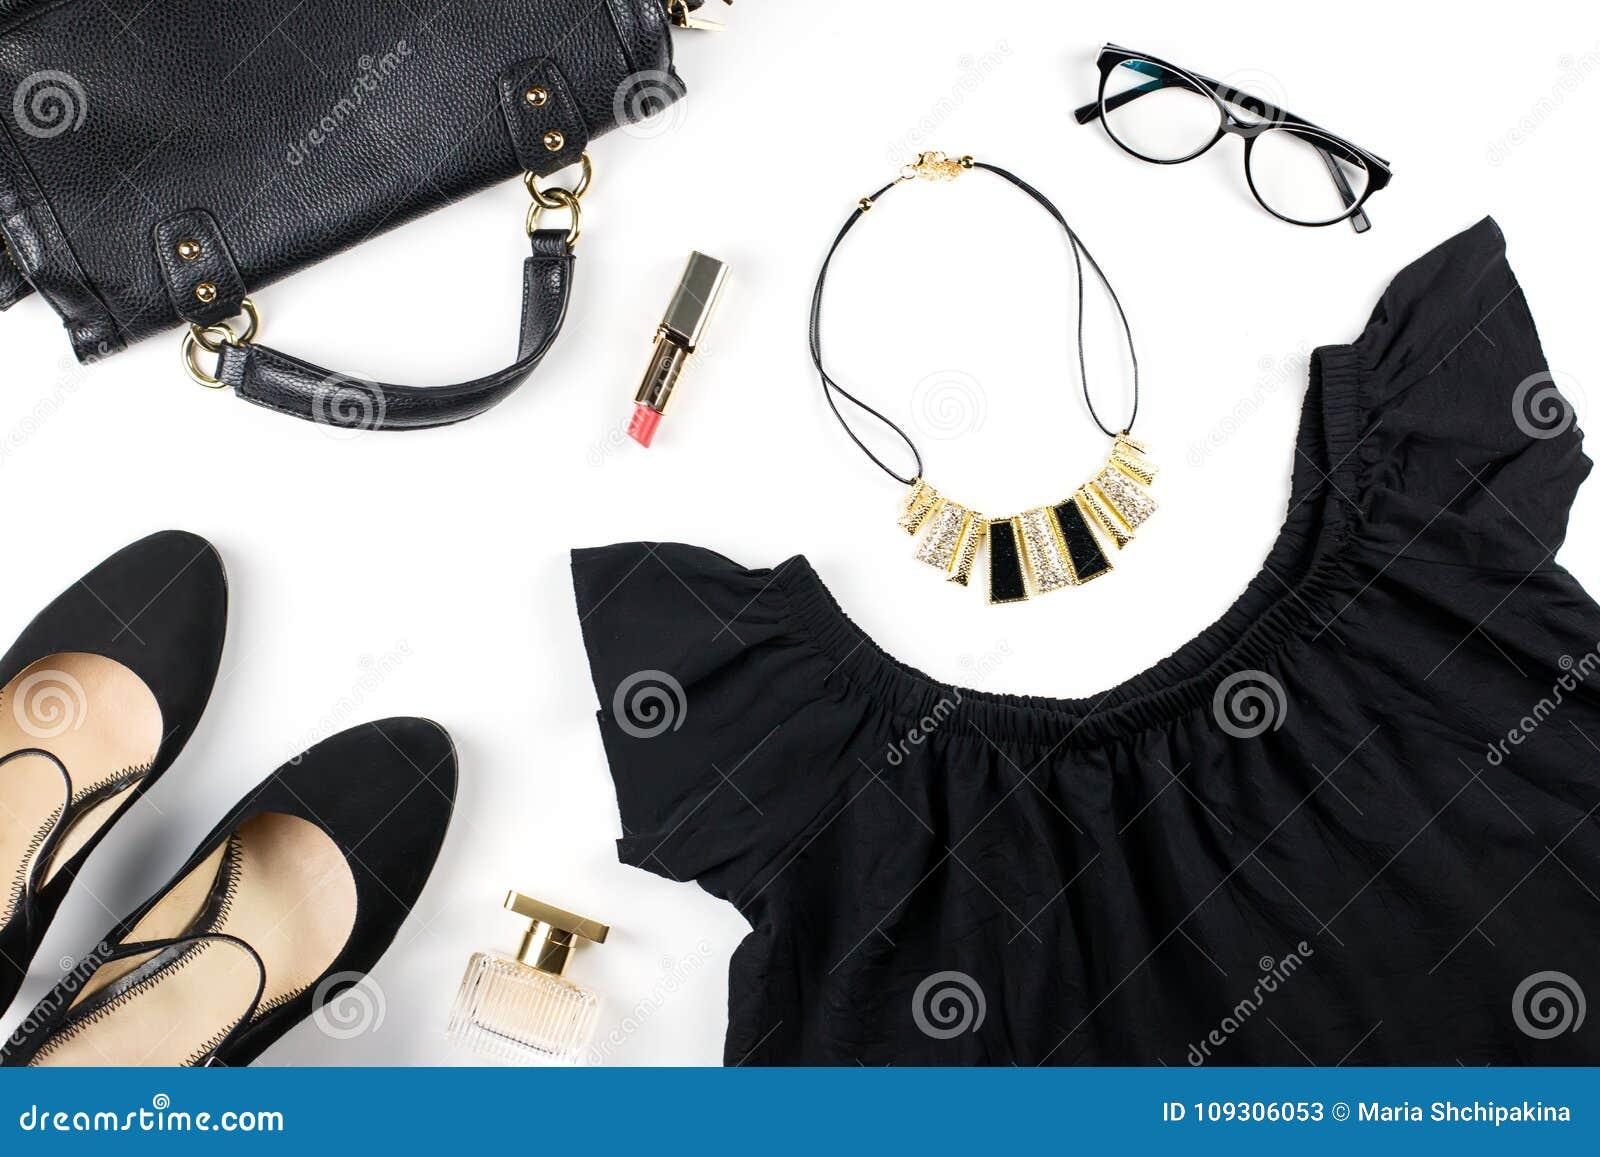 Ropa De La Mujer Y Complementos Mirada Negra Total Vestido